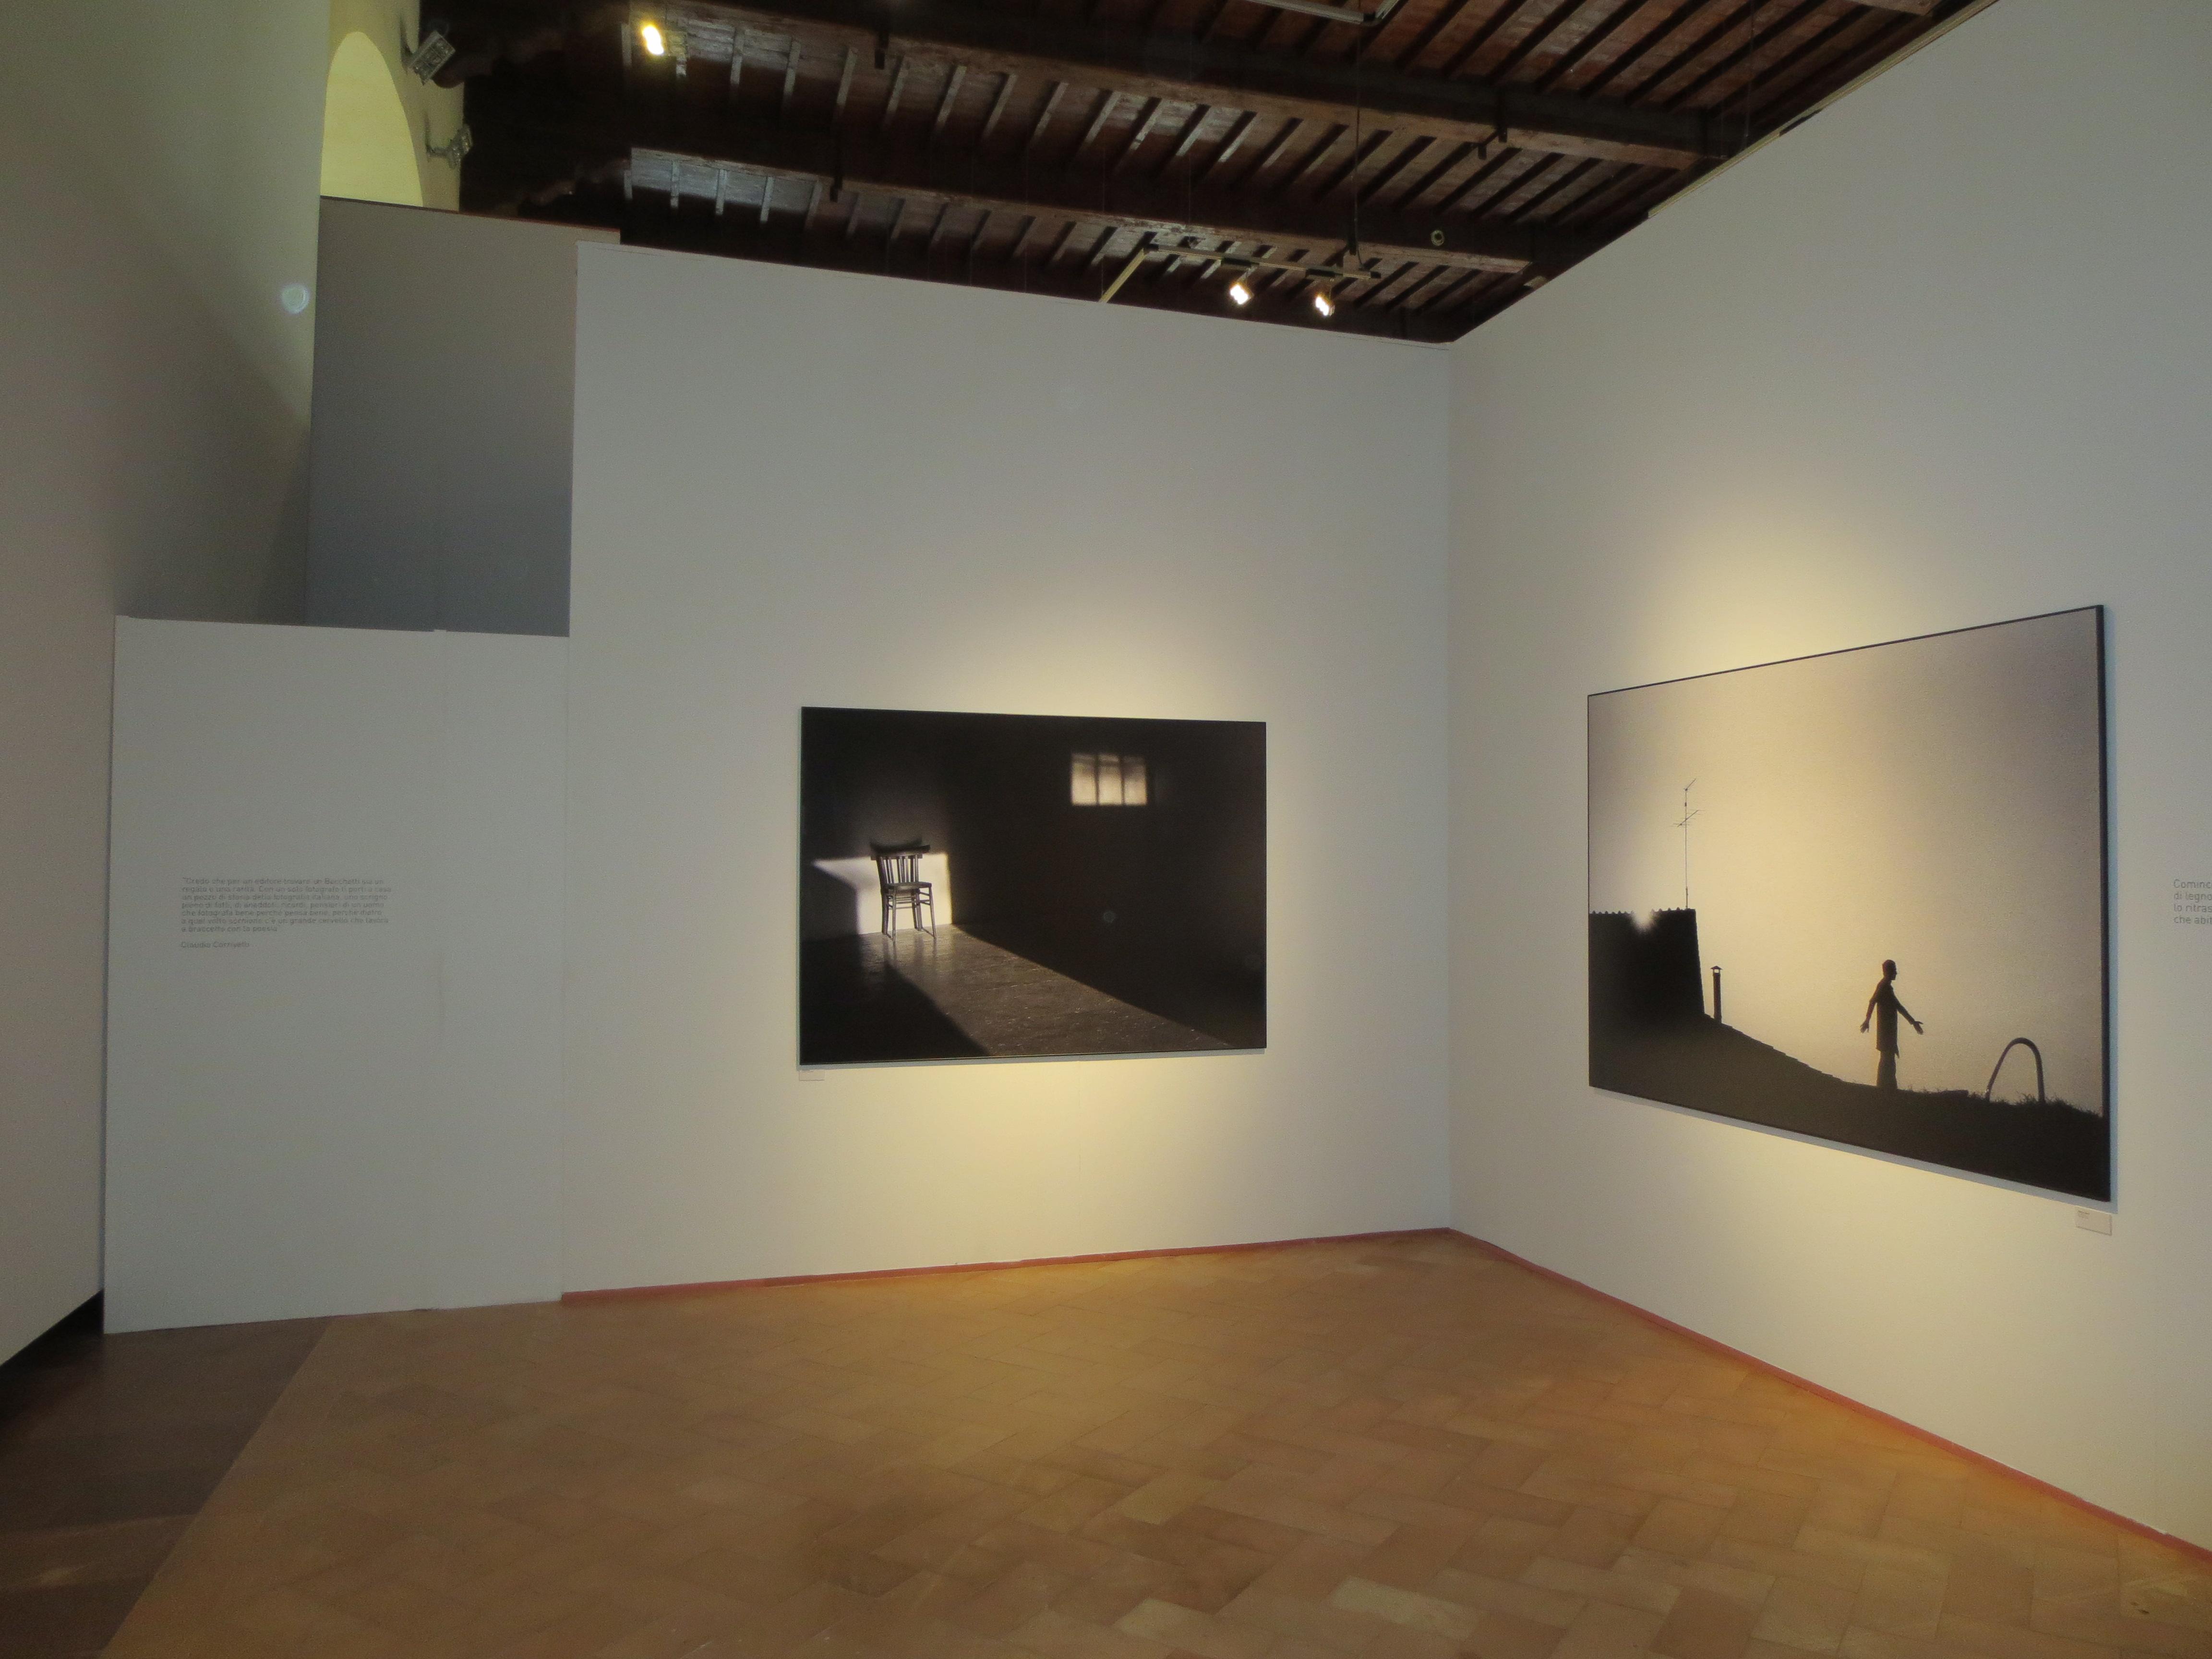 sala espositiva alla Galleria Nazionale dell'Umbria